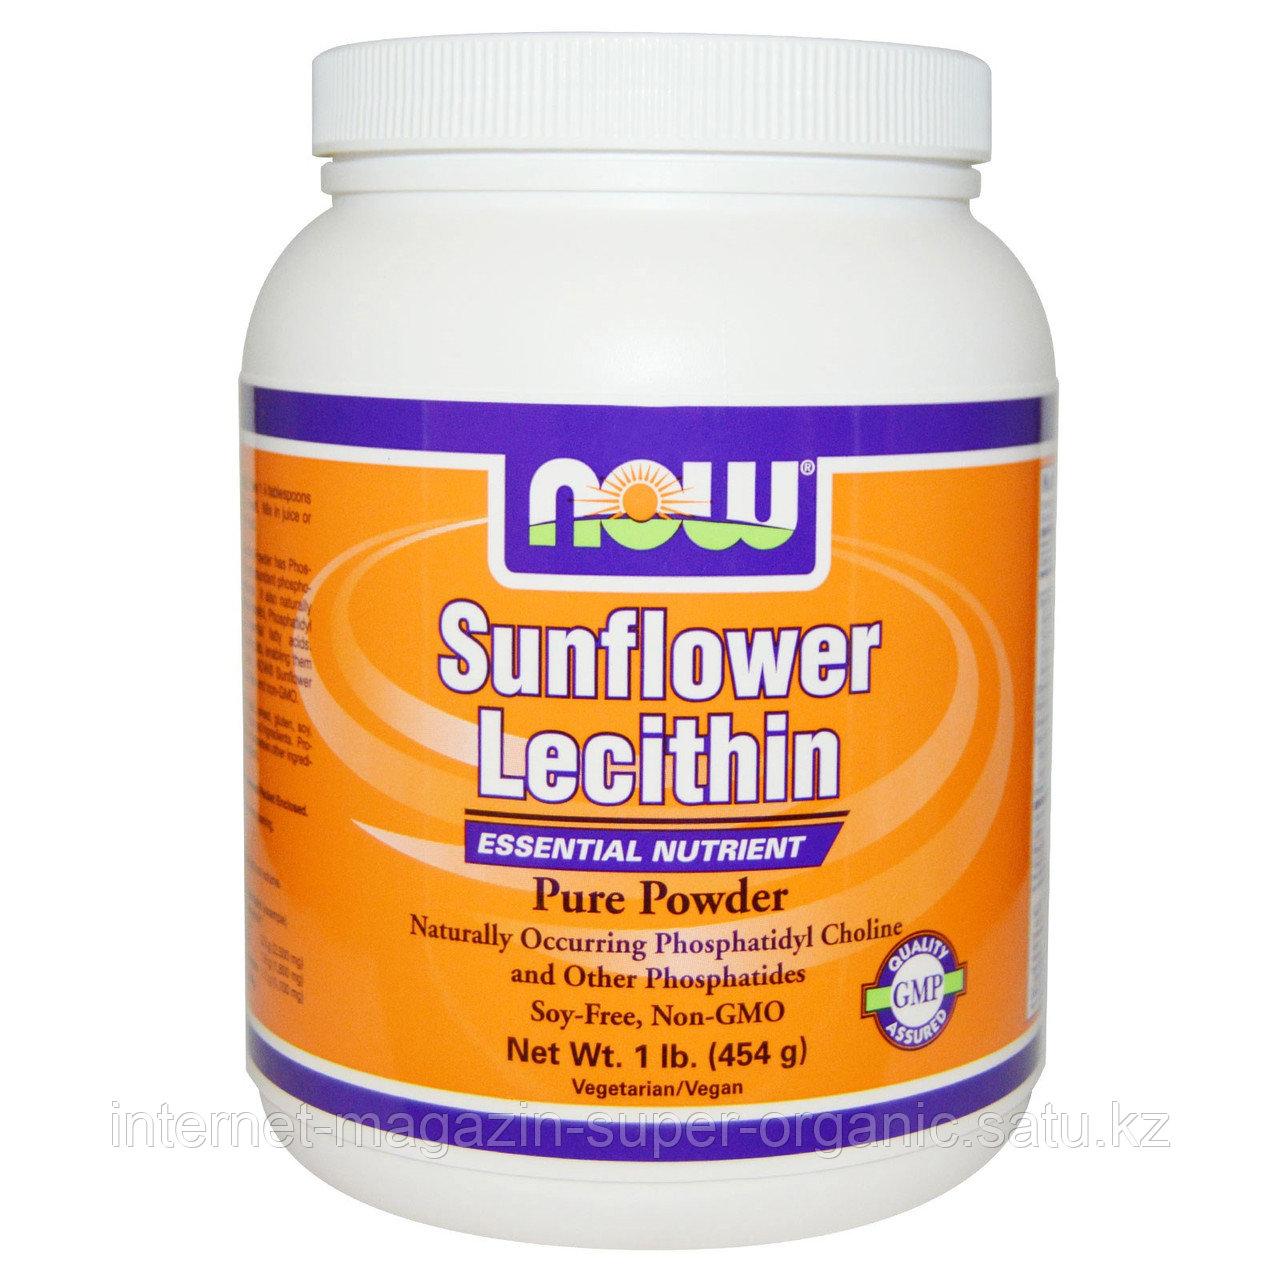 Лецитин подсолнечный, порошок, 454 г. (Sunflower Lecithin), Now Foods